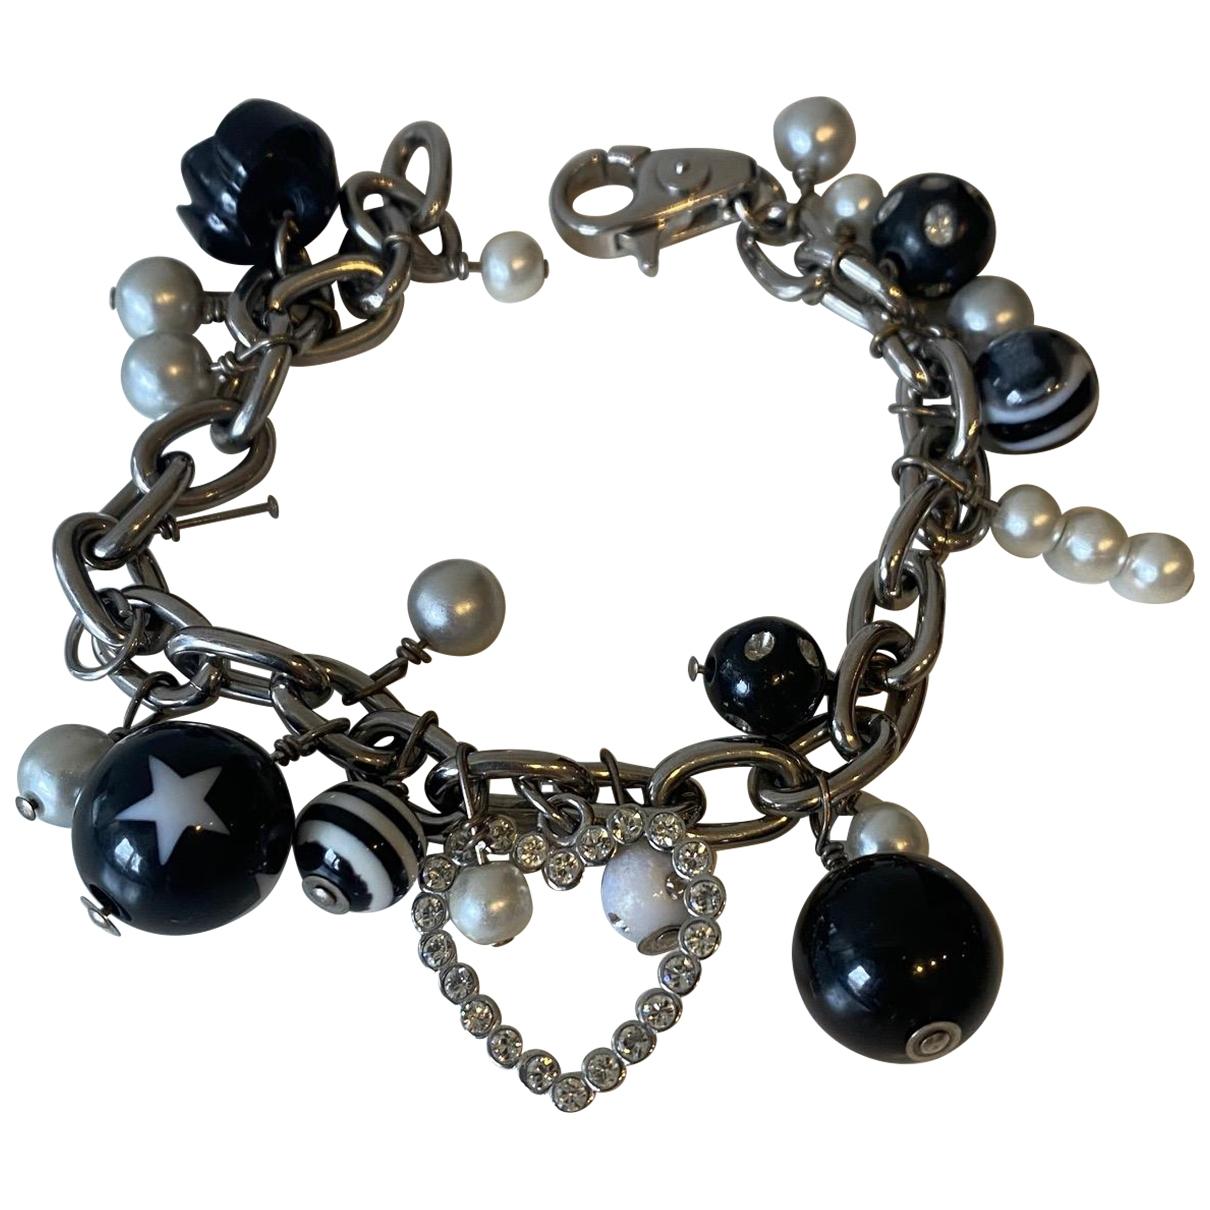 D&g \N Metallic Metal bracelet for Women \N